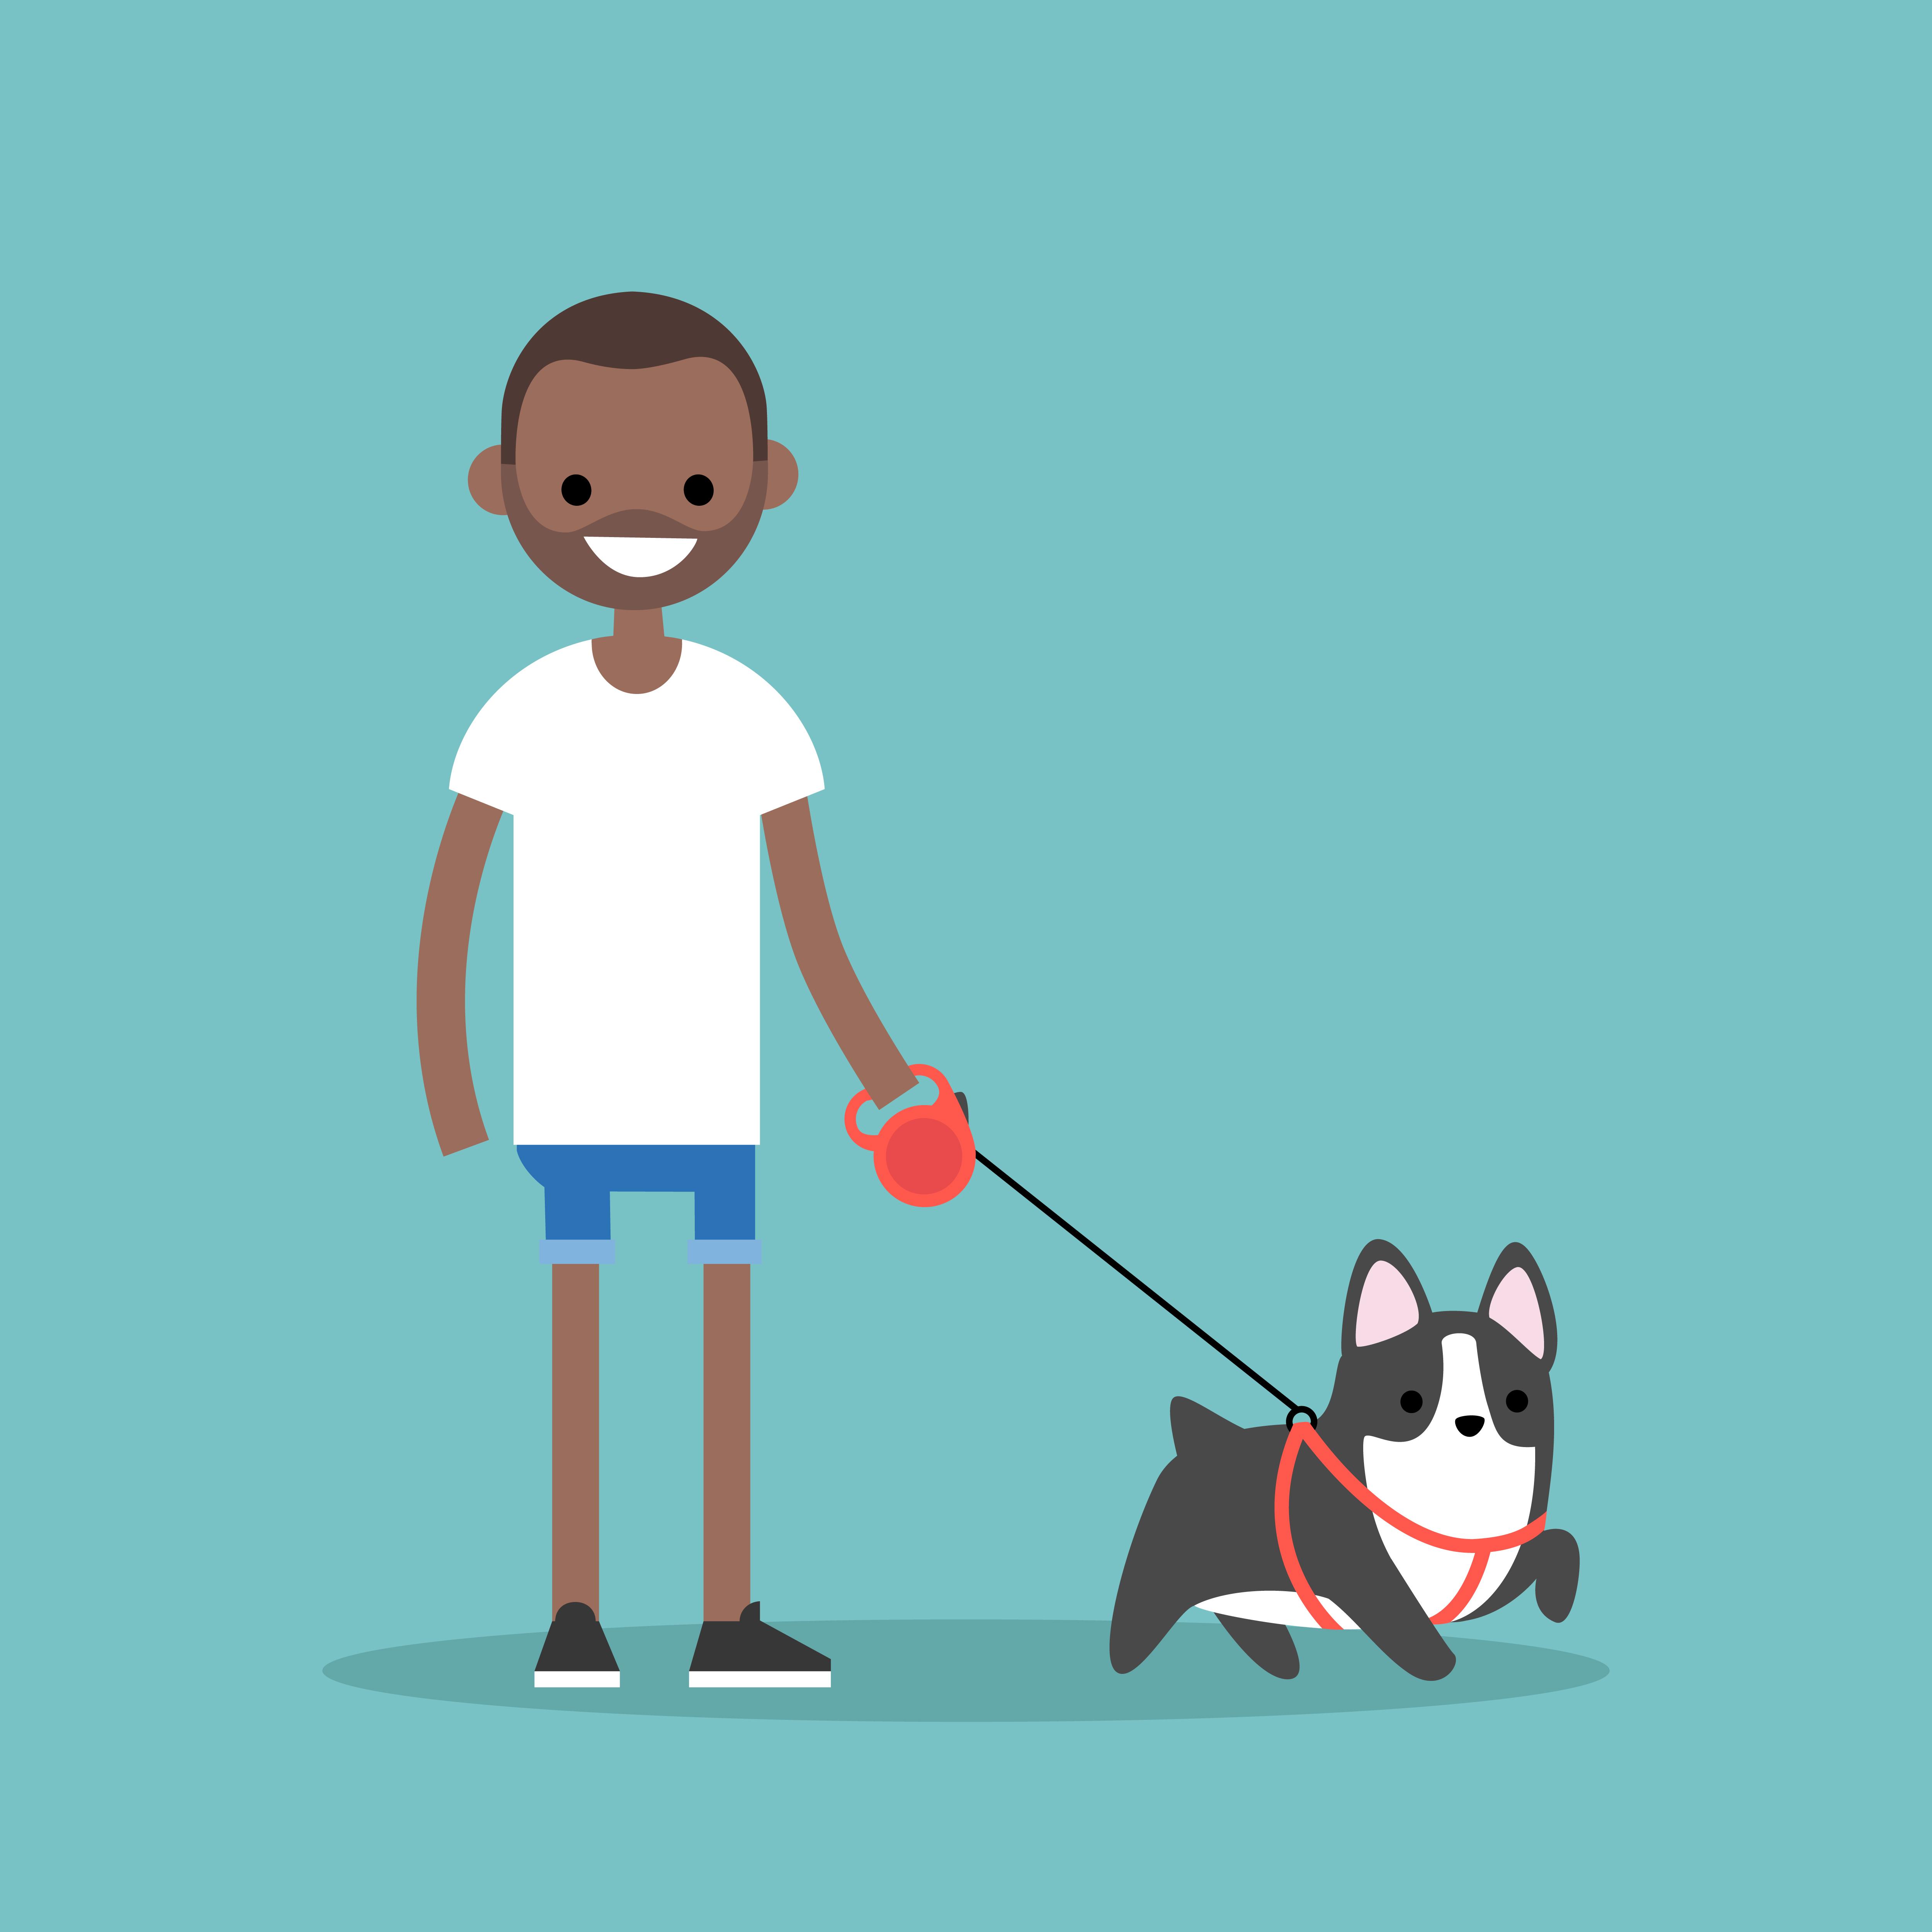 Go for a walk cartoon (Shutterstock)